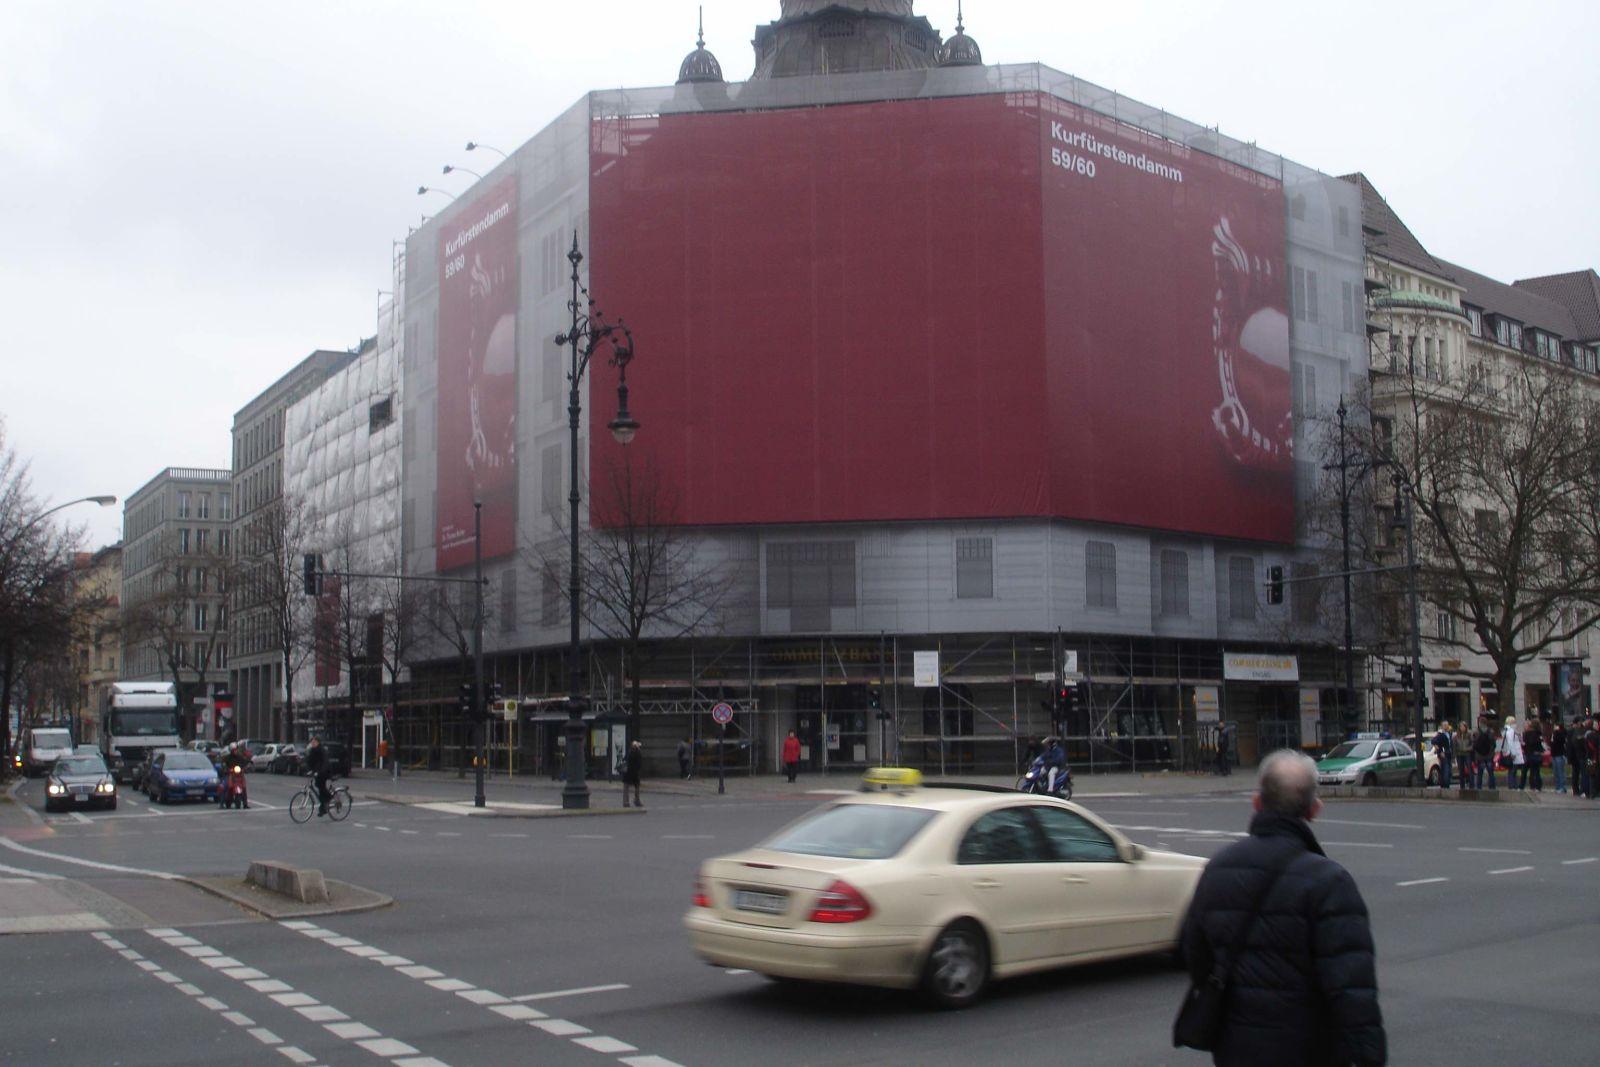 V Evropě je obvyklé, že se lešení staveniště používá pro reklamu. Z ní pak investor získá další prostředky.